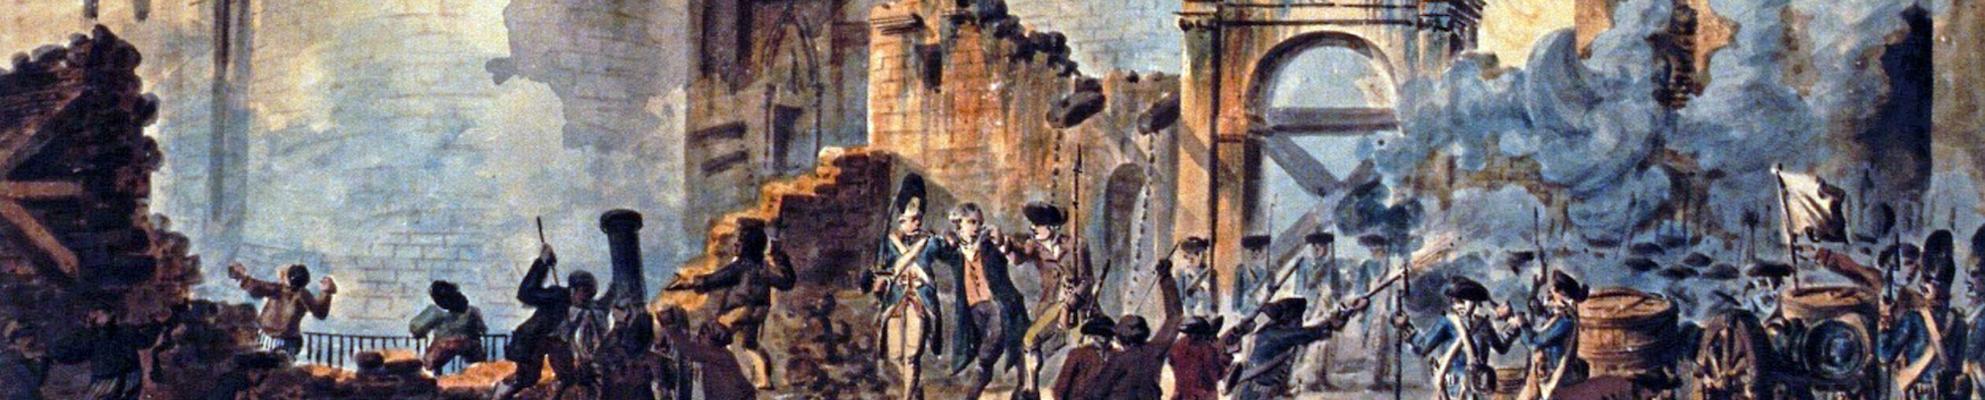 《旧制度与大革命》观感序章——法国大革命的特点与成就